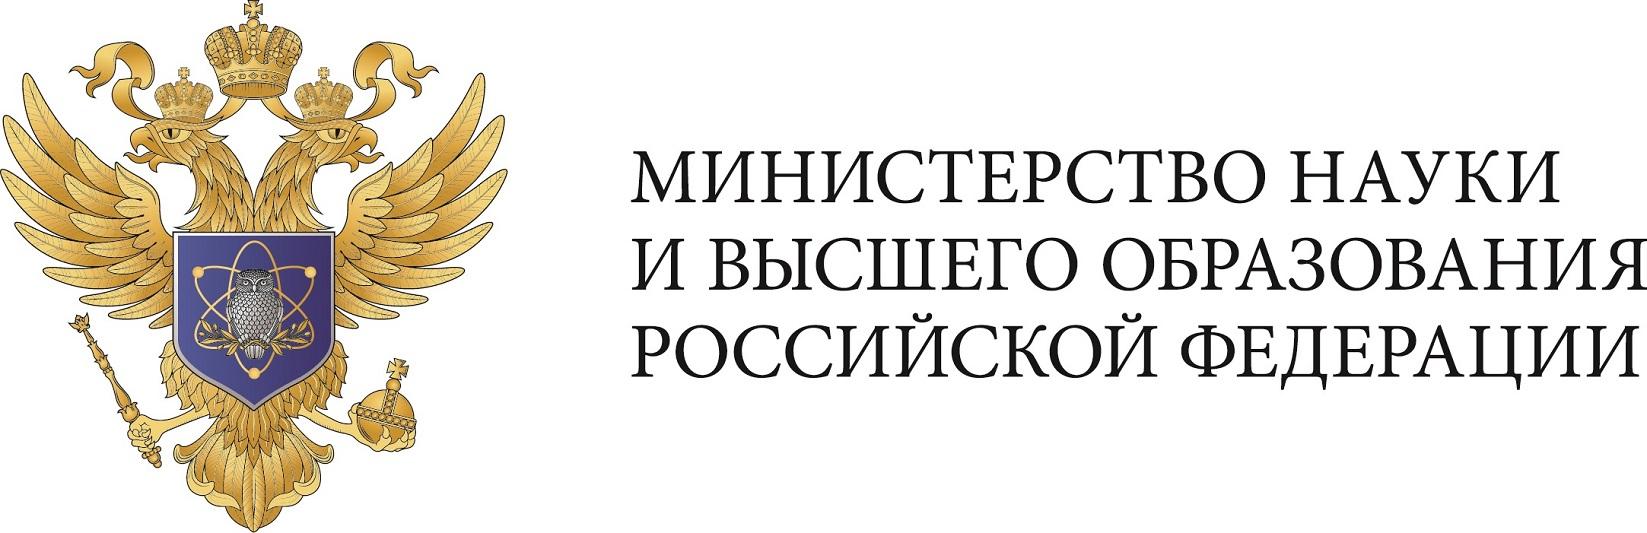 Министерства науки и высшего образования